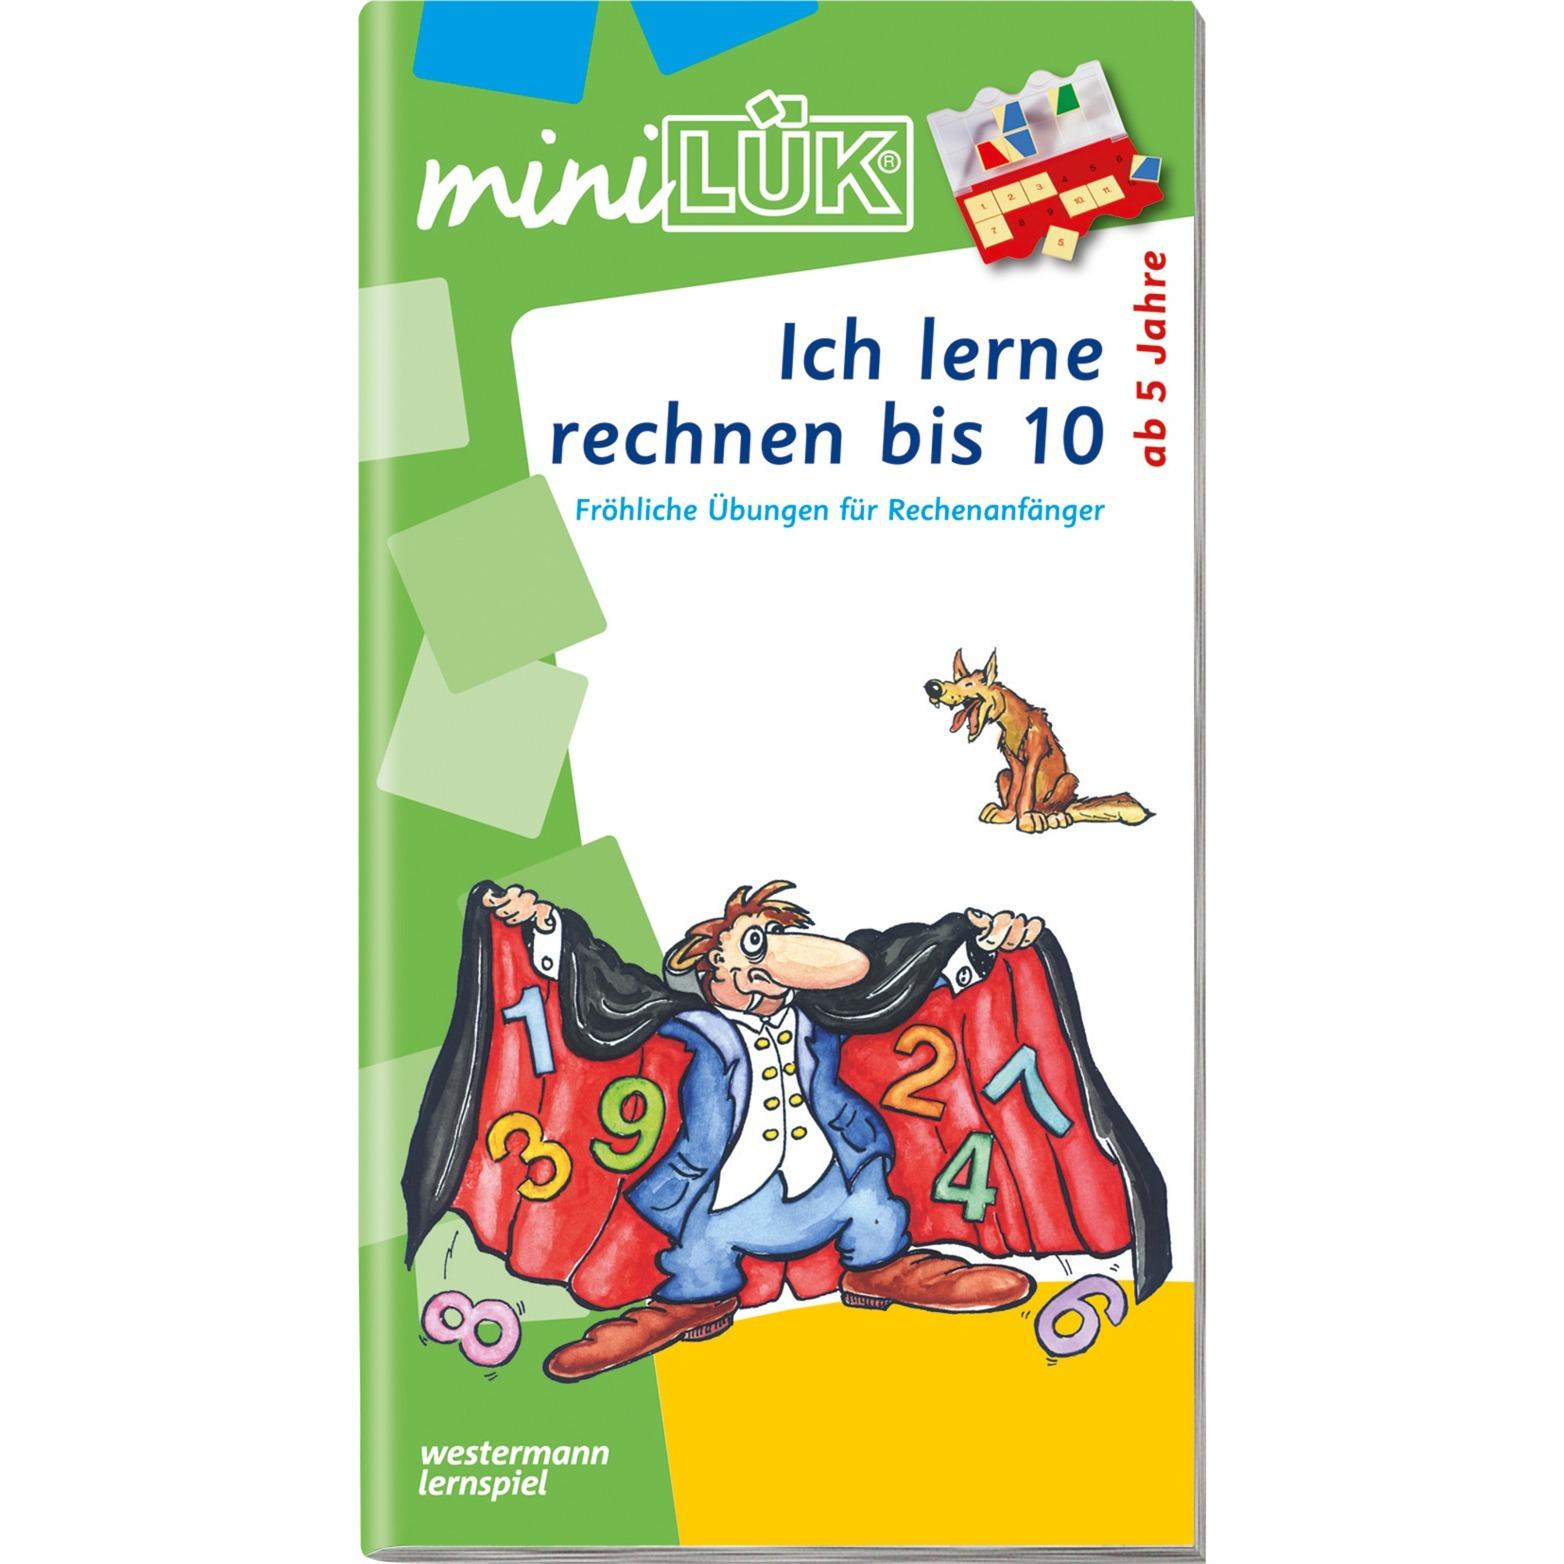 WESTERMANN miniLÜK-Heft: Ich lerne rechnen bis 10, Lernbuch